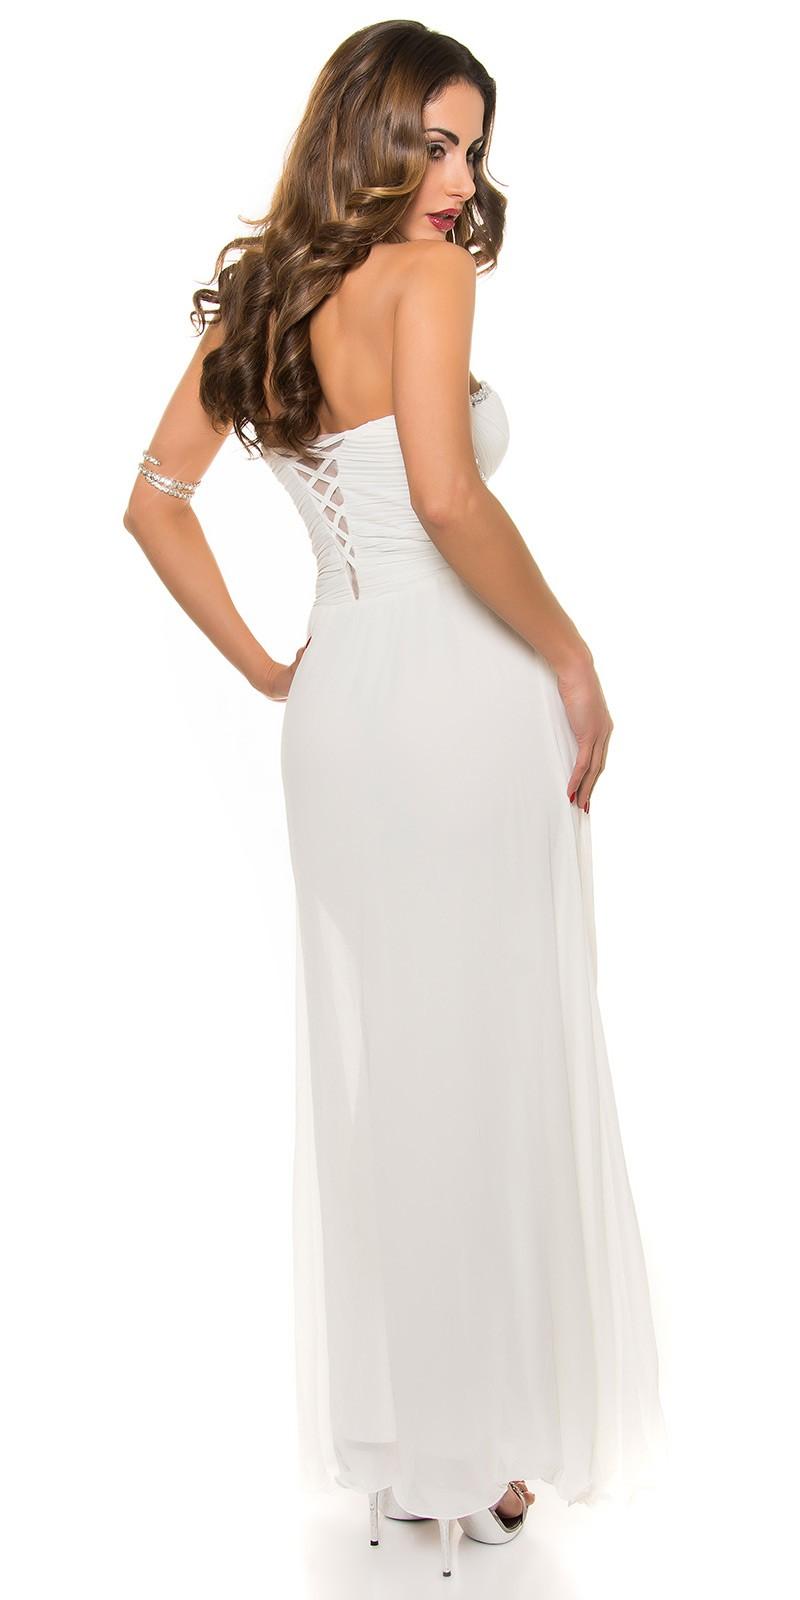 cff3ce4bf567 eesexy Koucla evening Goddess-dress  Color WHITE Size S 0000K9137 WEISS 28  · eesexy Koucla evening Goddess-dress  Color WHITE Size S 0000K9137 WEISS 29